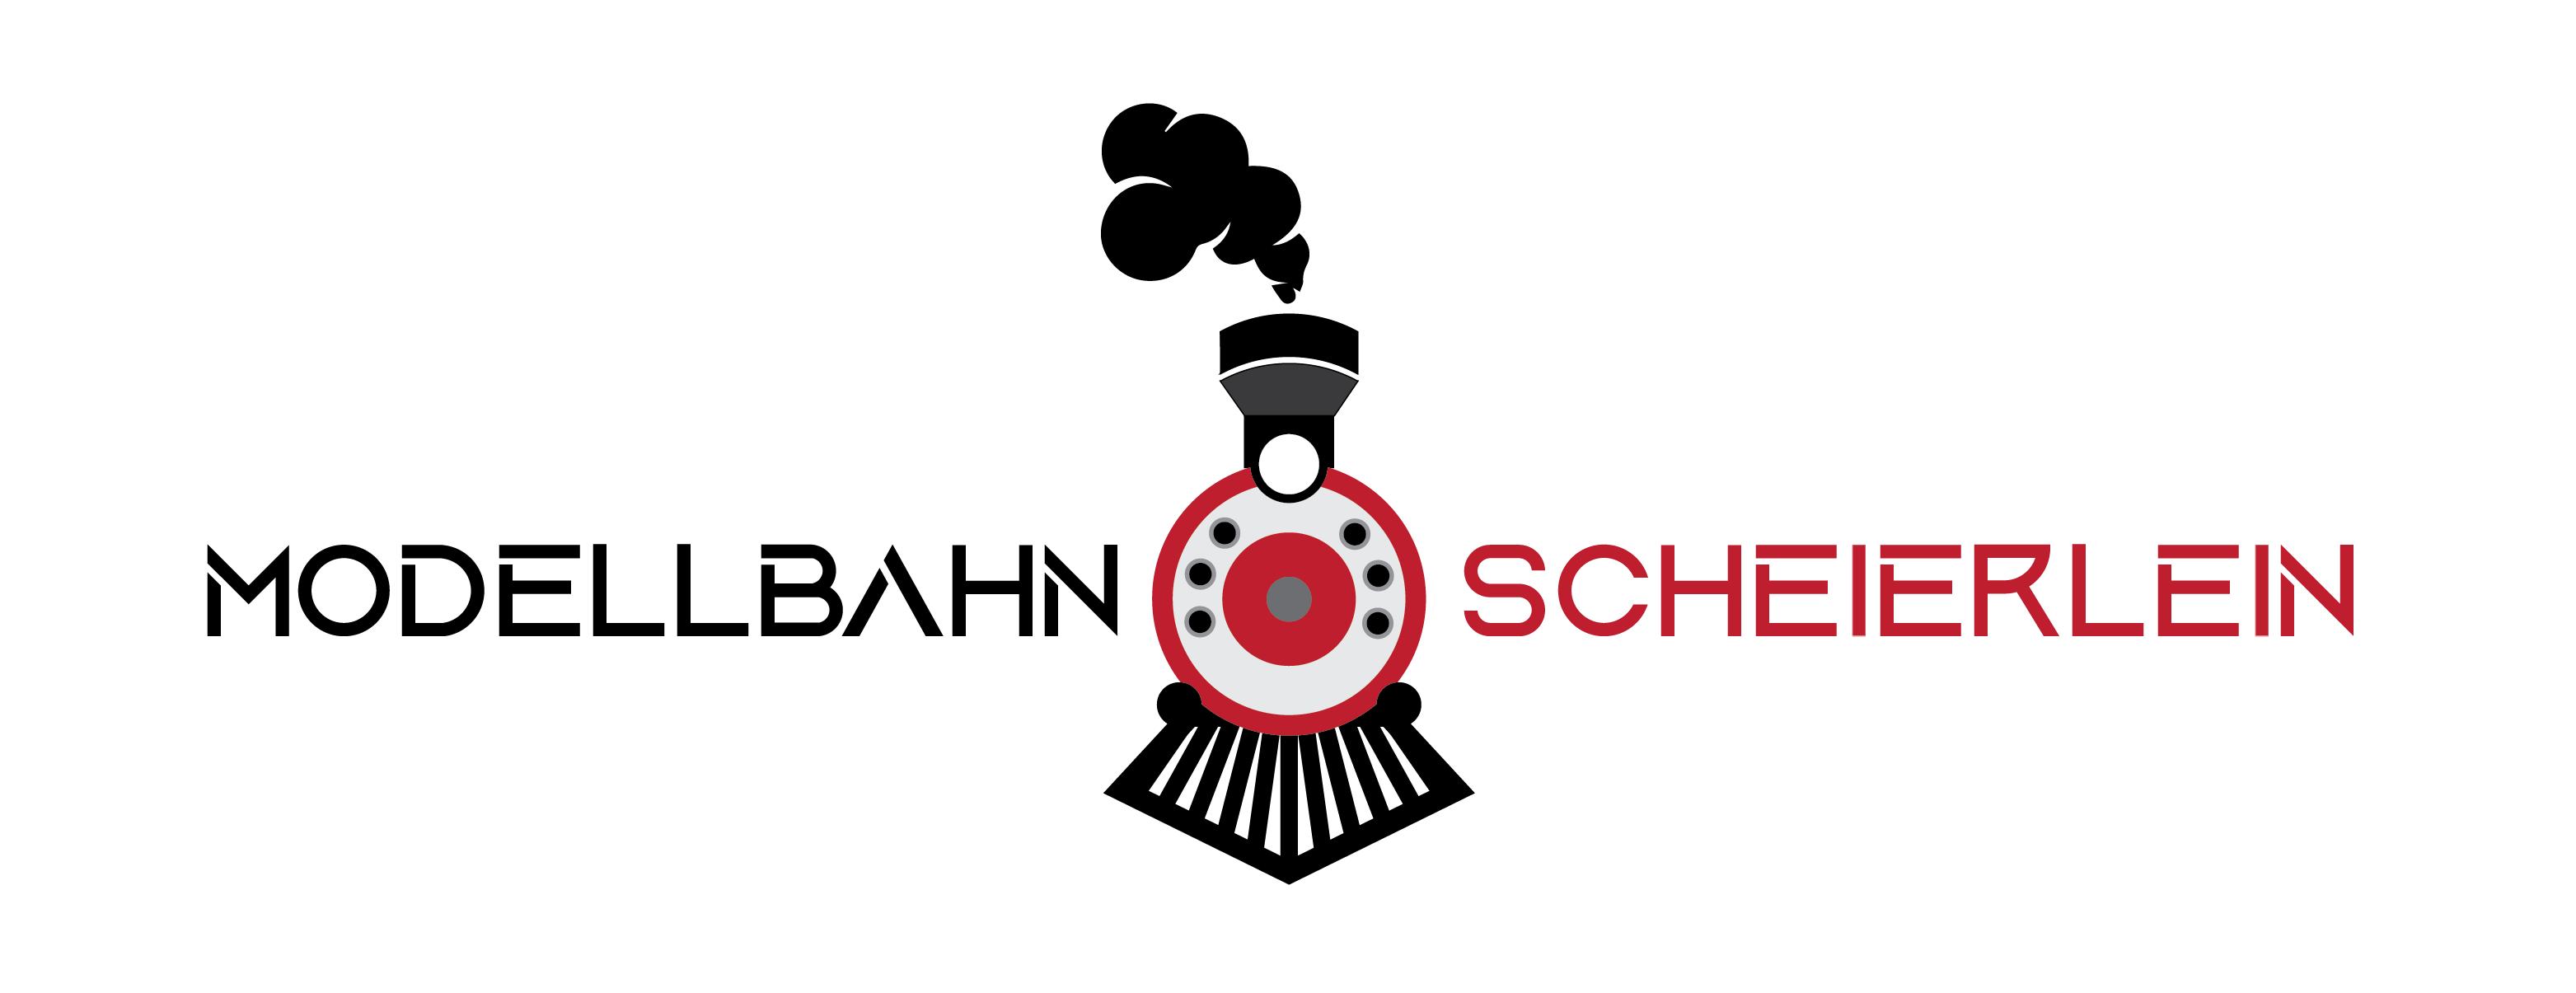 Modellbahn Scheierlein-Logo